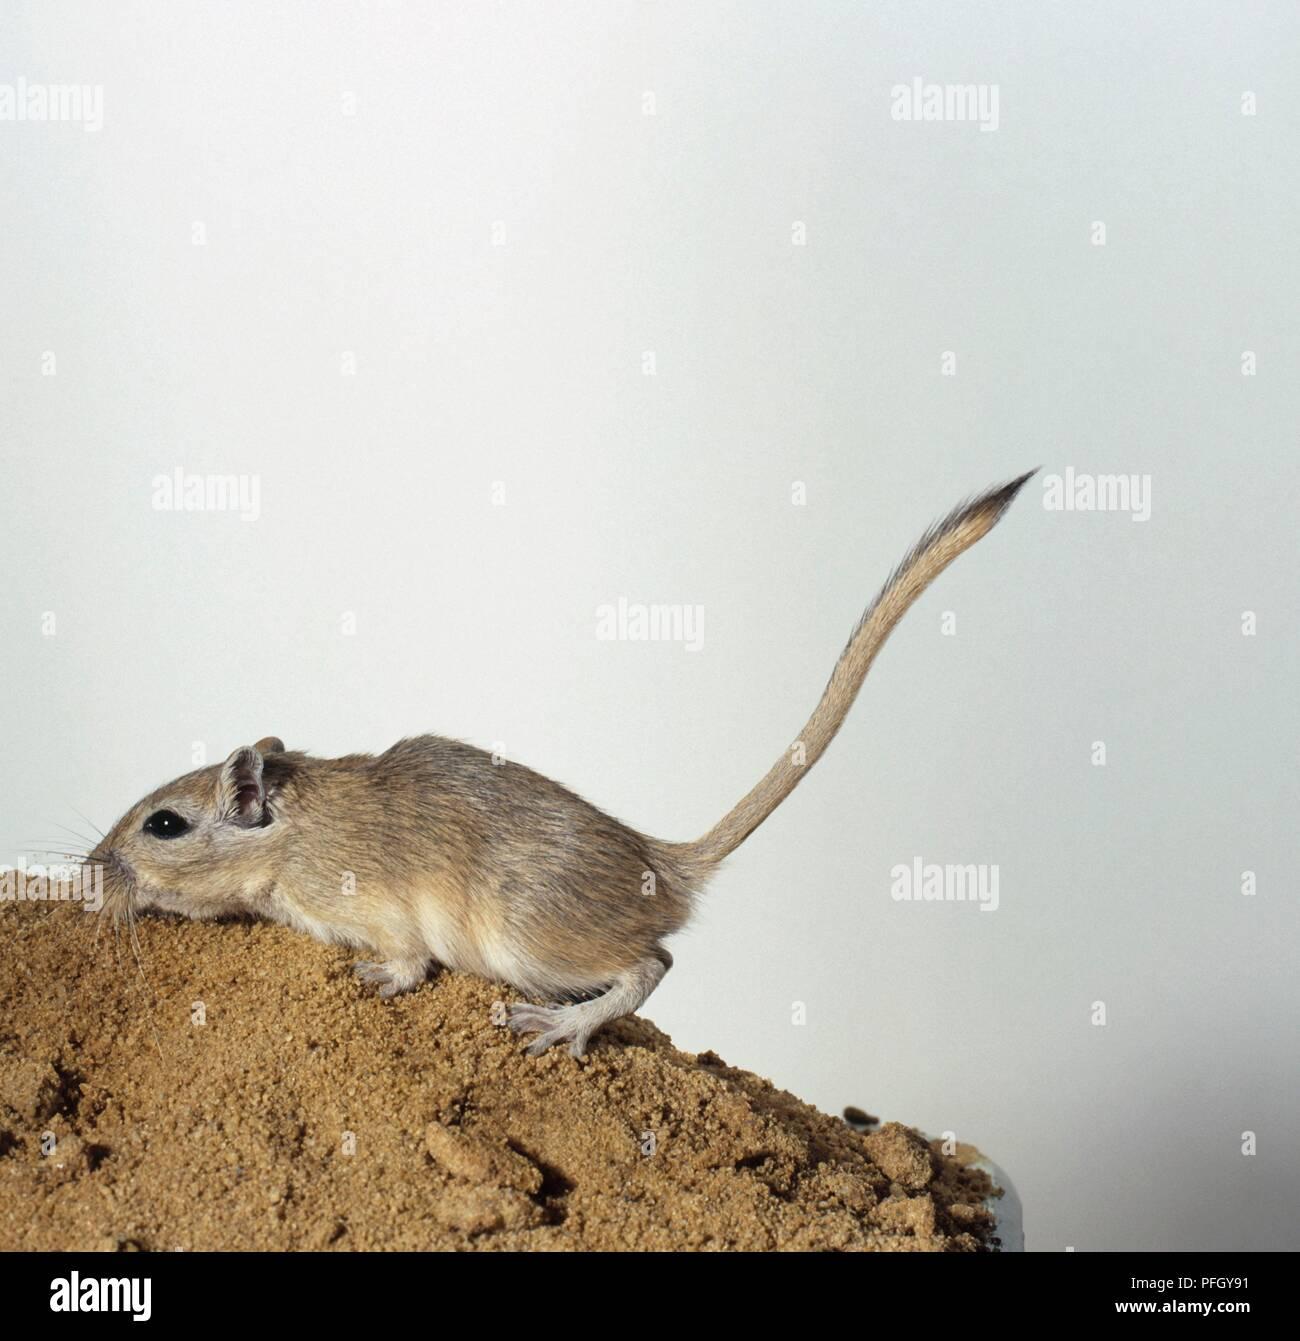 Mongolische Wüstenrennmaus (Meriones unguiculatus), Seitenansicht Stockbild